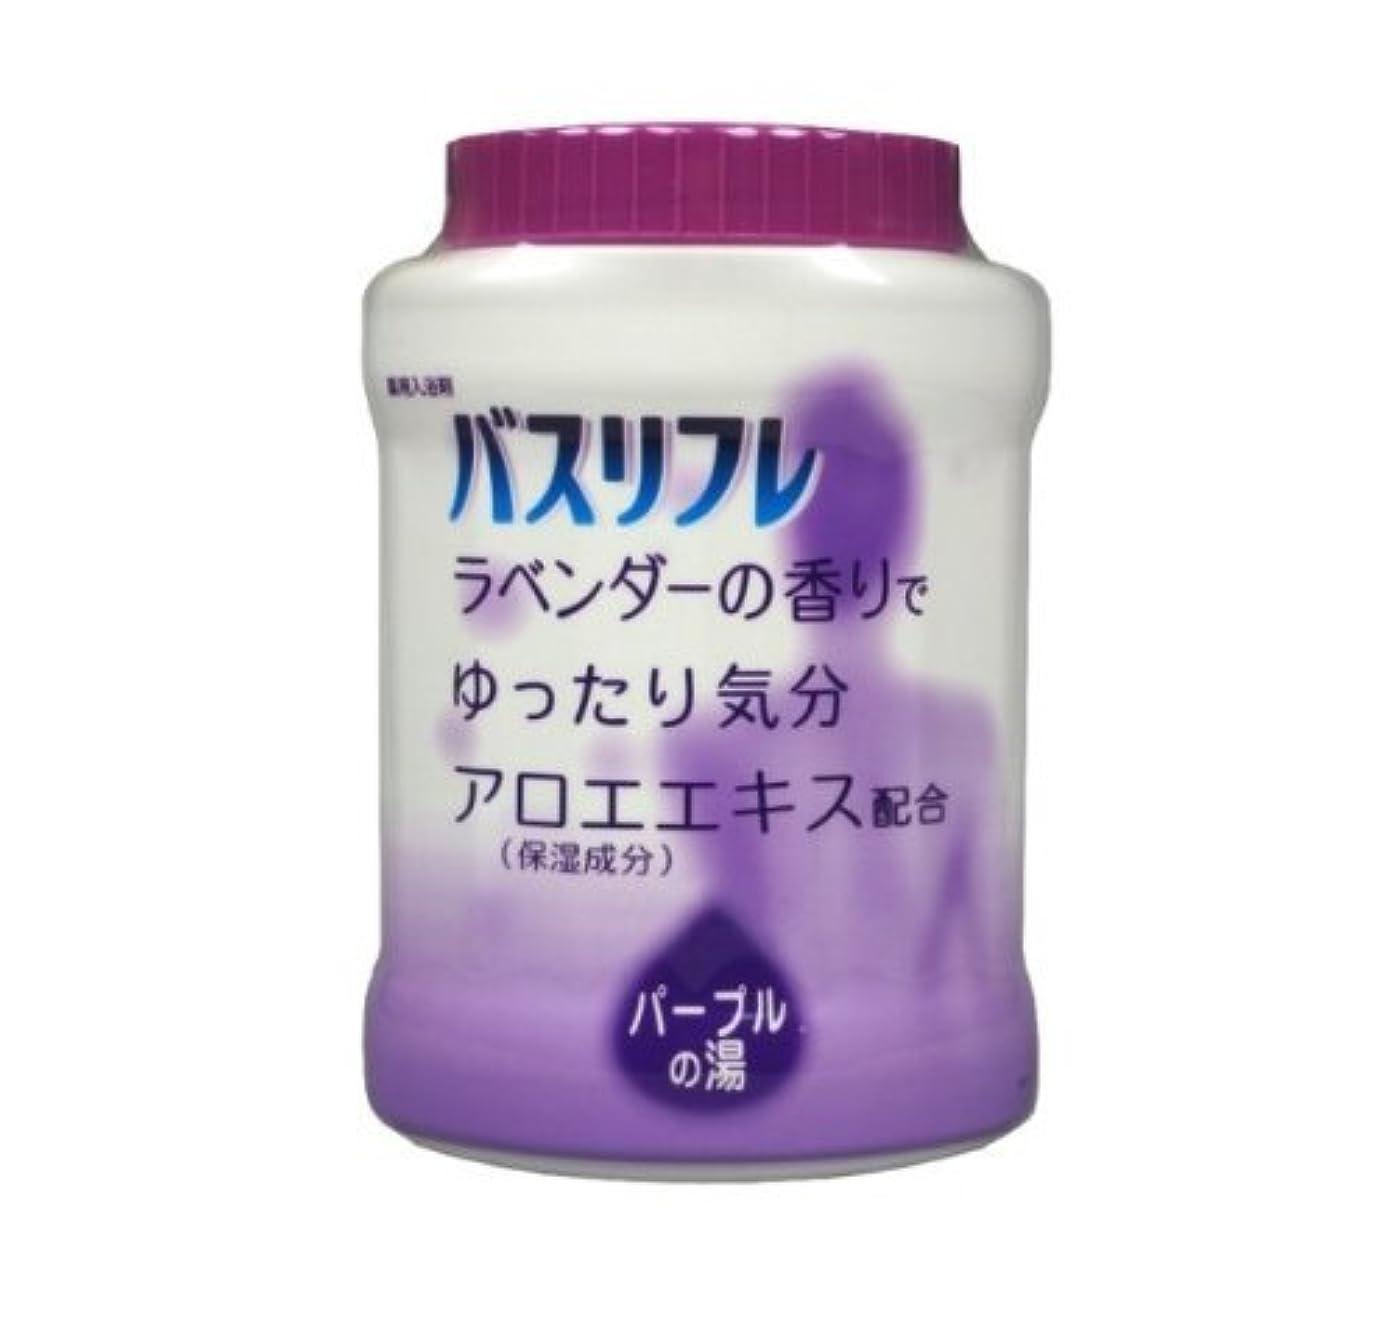 アマゾンジャングルエピソード乳製品バスリフレ 薬用入浴剤 ラベンダーの香り 680G Japan